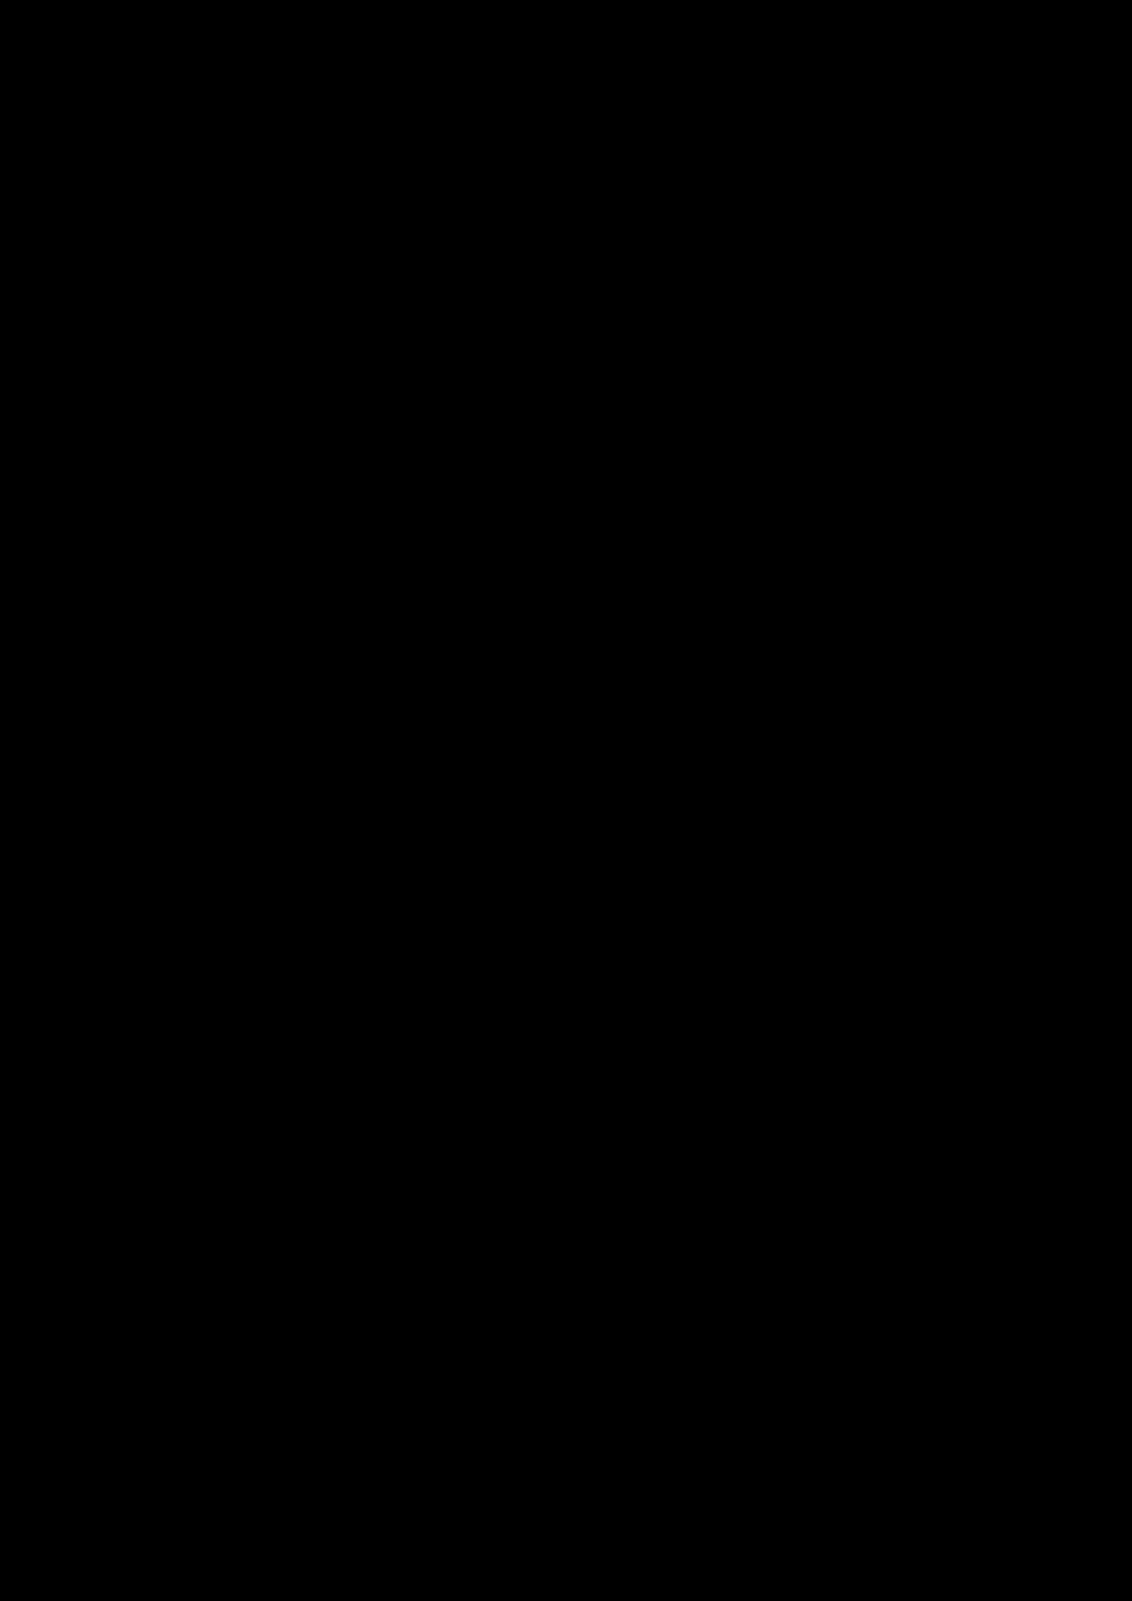 Lambada slide, Image 4